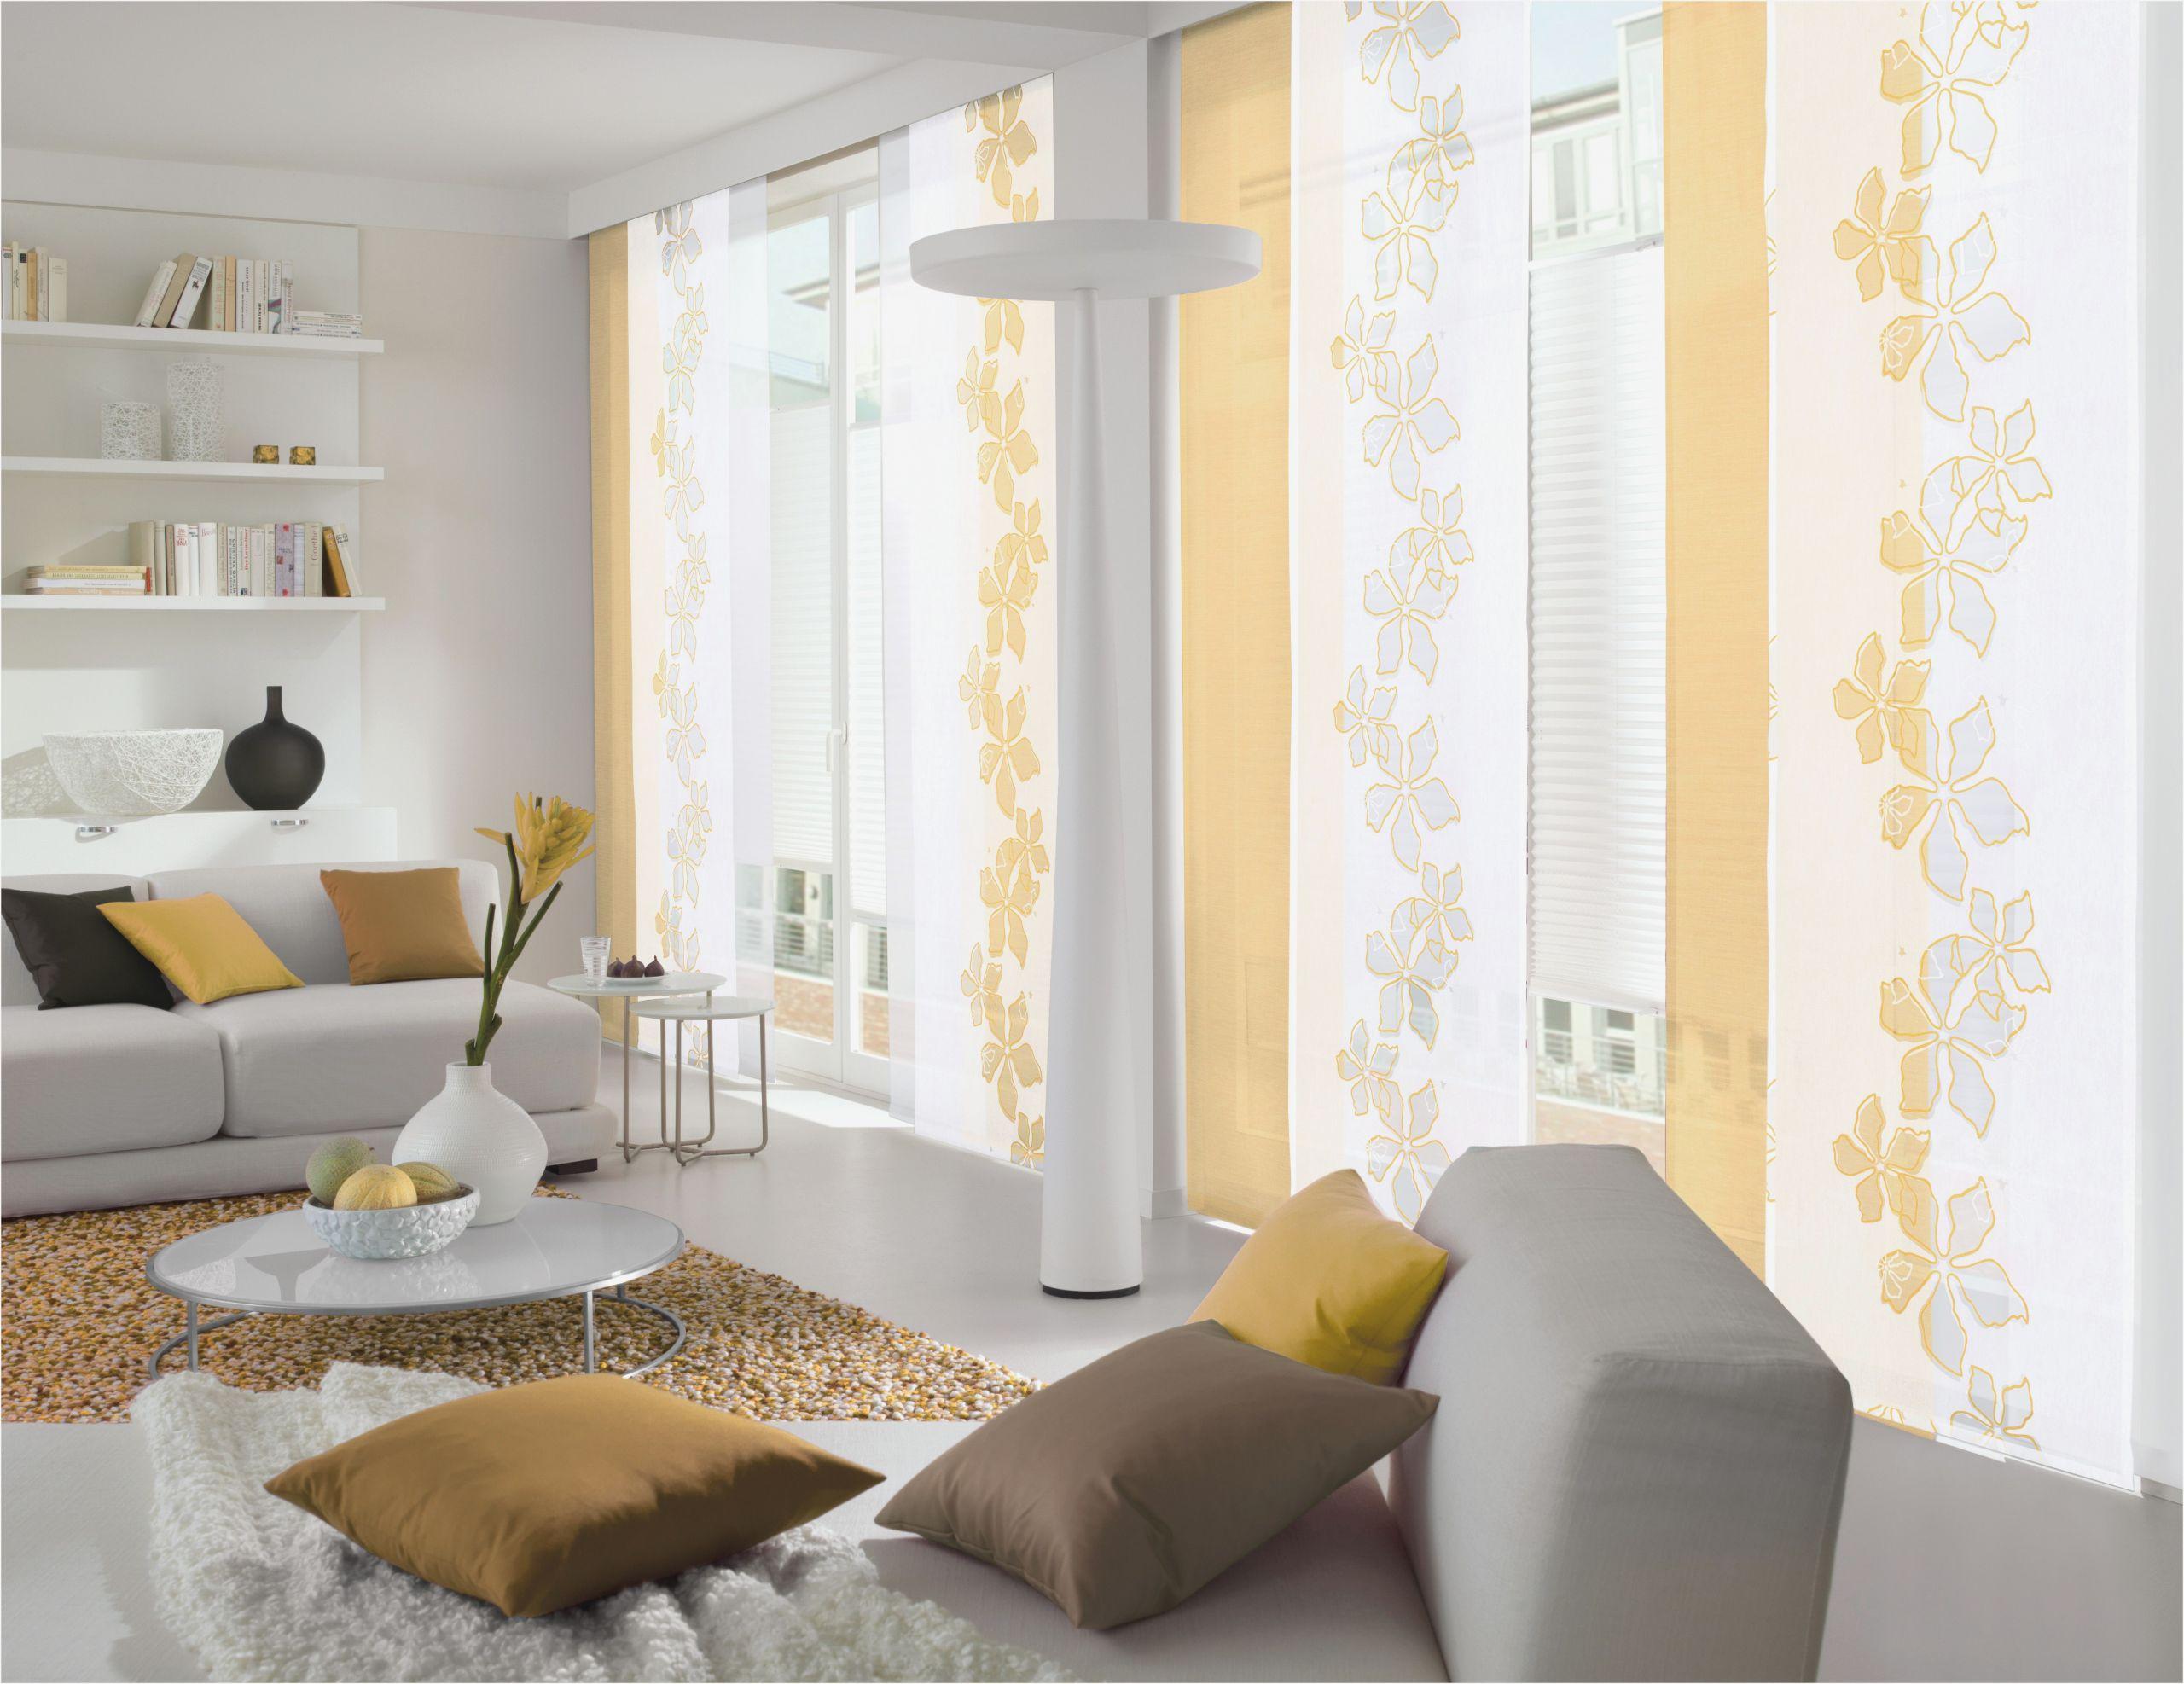 Full Size of Verdunkelung Kinderzimmer Vorhnge 125 Traumhaus Regal Weiß Sofa Fenster Regale Kinderzimmer Verdunkelung Kinderzimmer